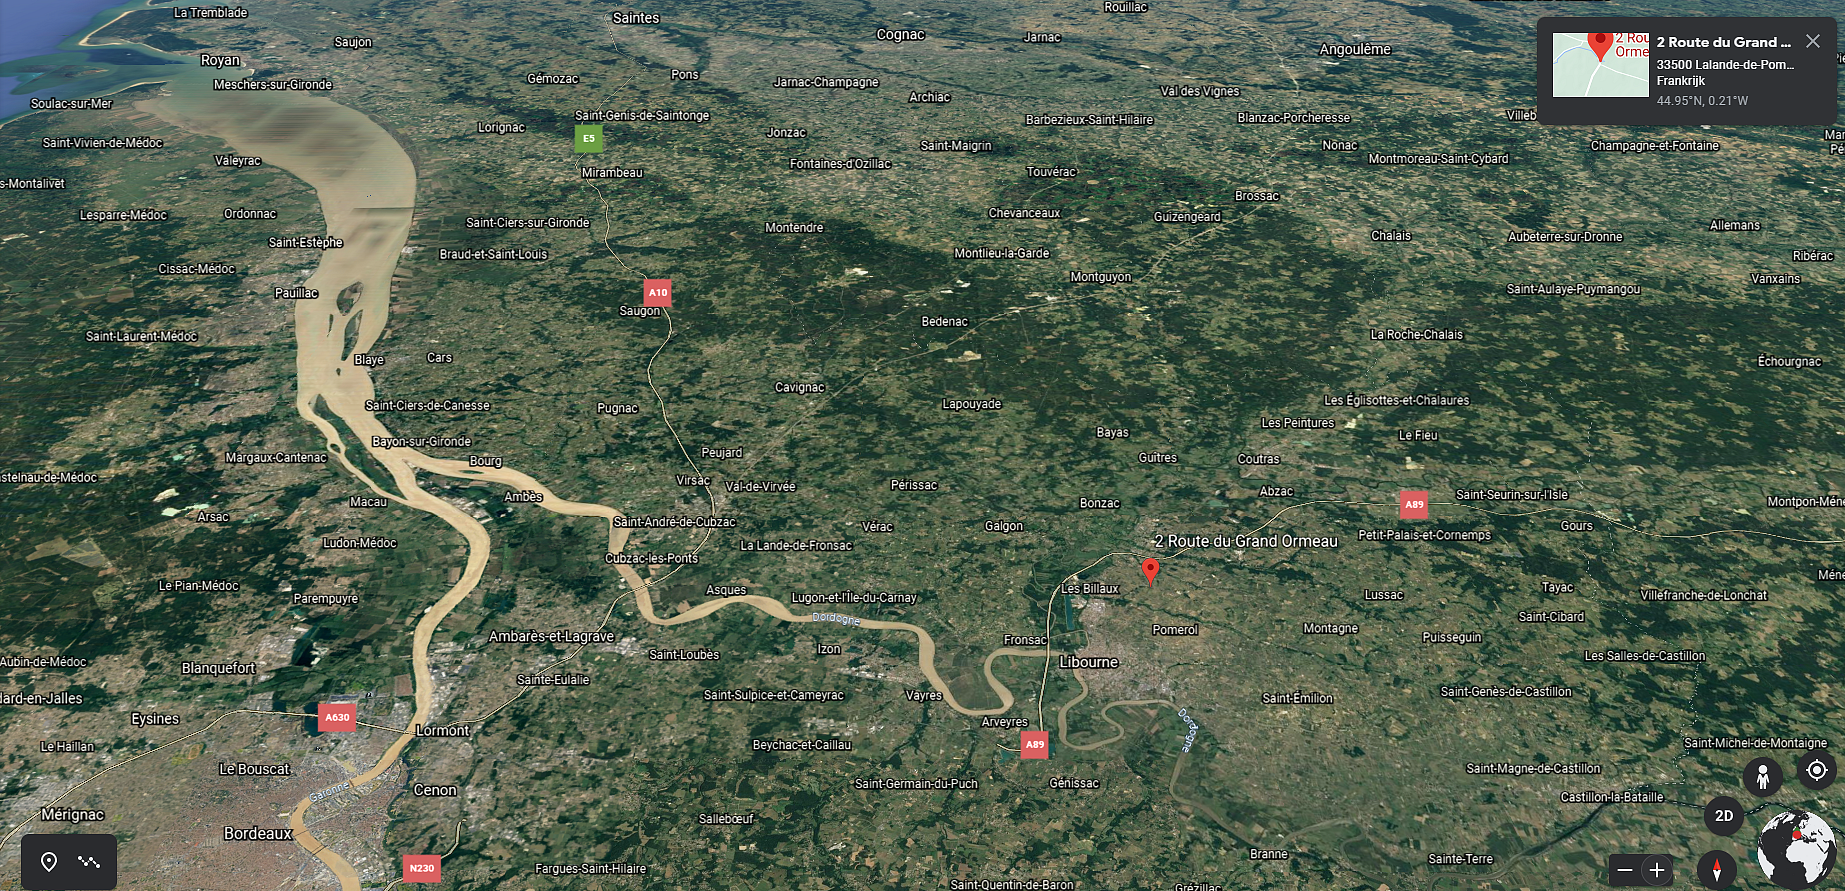 Domaine du Grand Ormeau Lalande de Pomerol